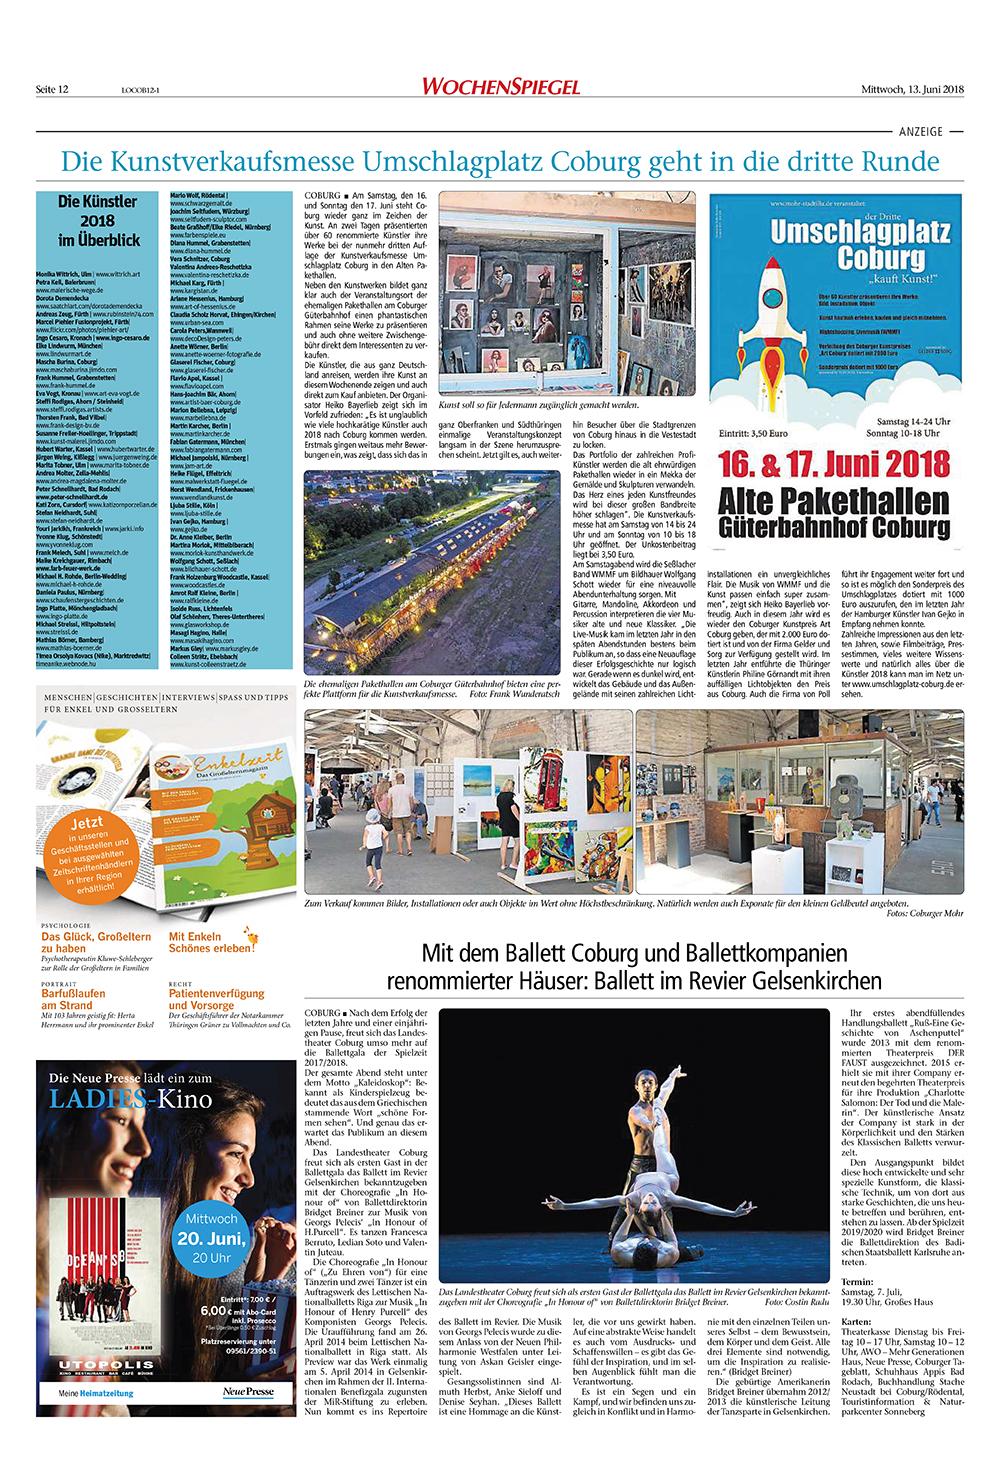 Wochenspiegel-13-06-2018